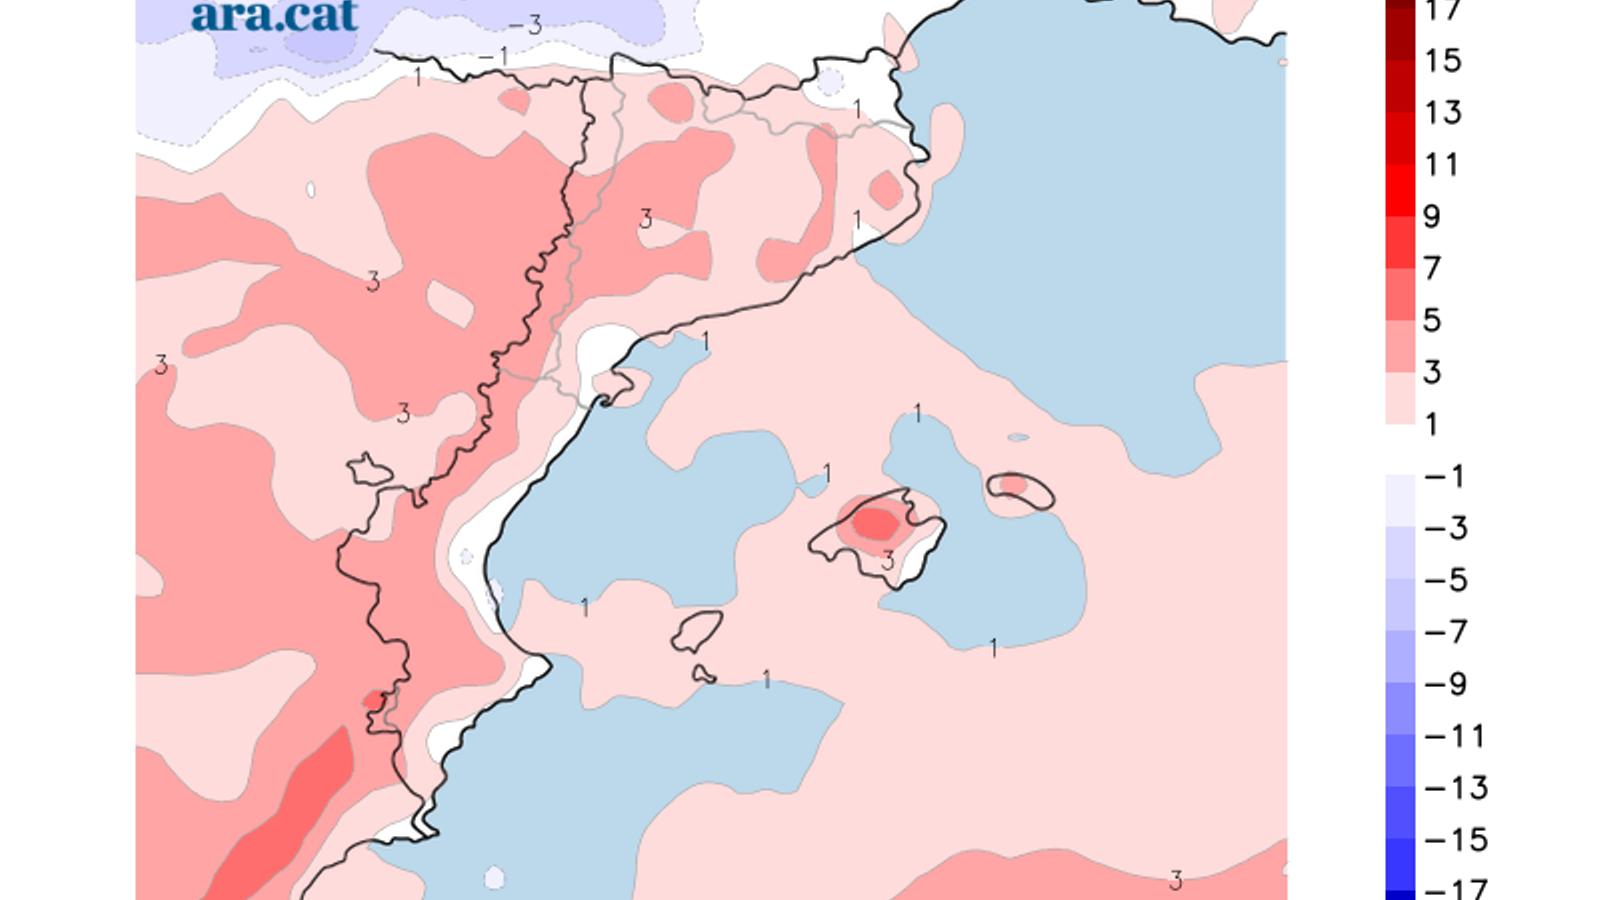 Diferència de temperatura prevista entre aquest dissabte i el pròxim dimecres.